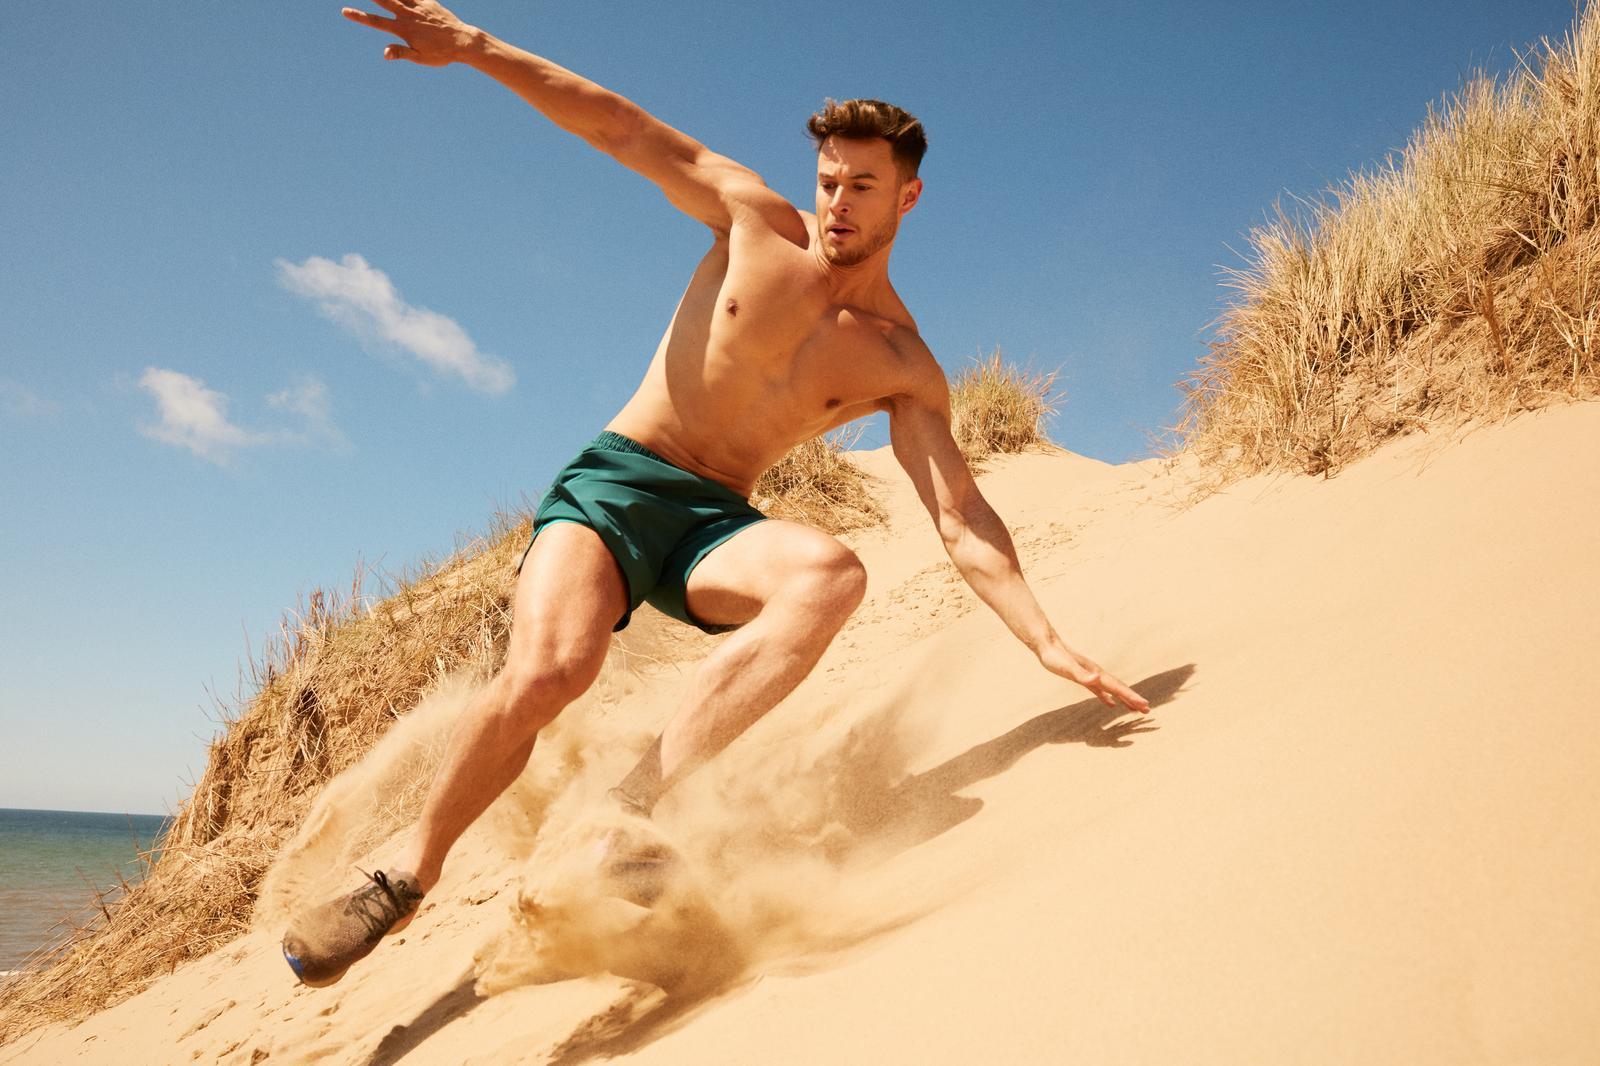 Tag din træning med på ferie I Sådan bevarer du din form